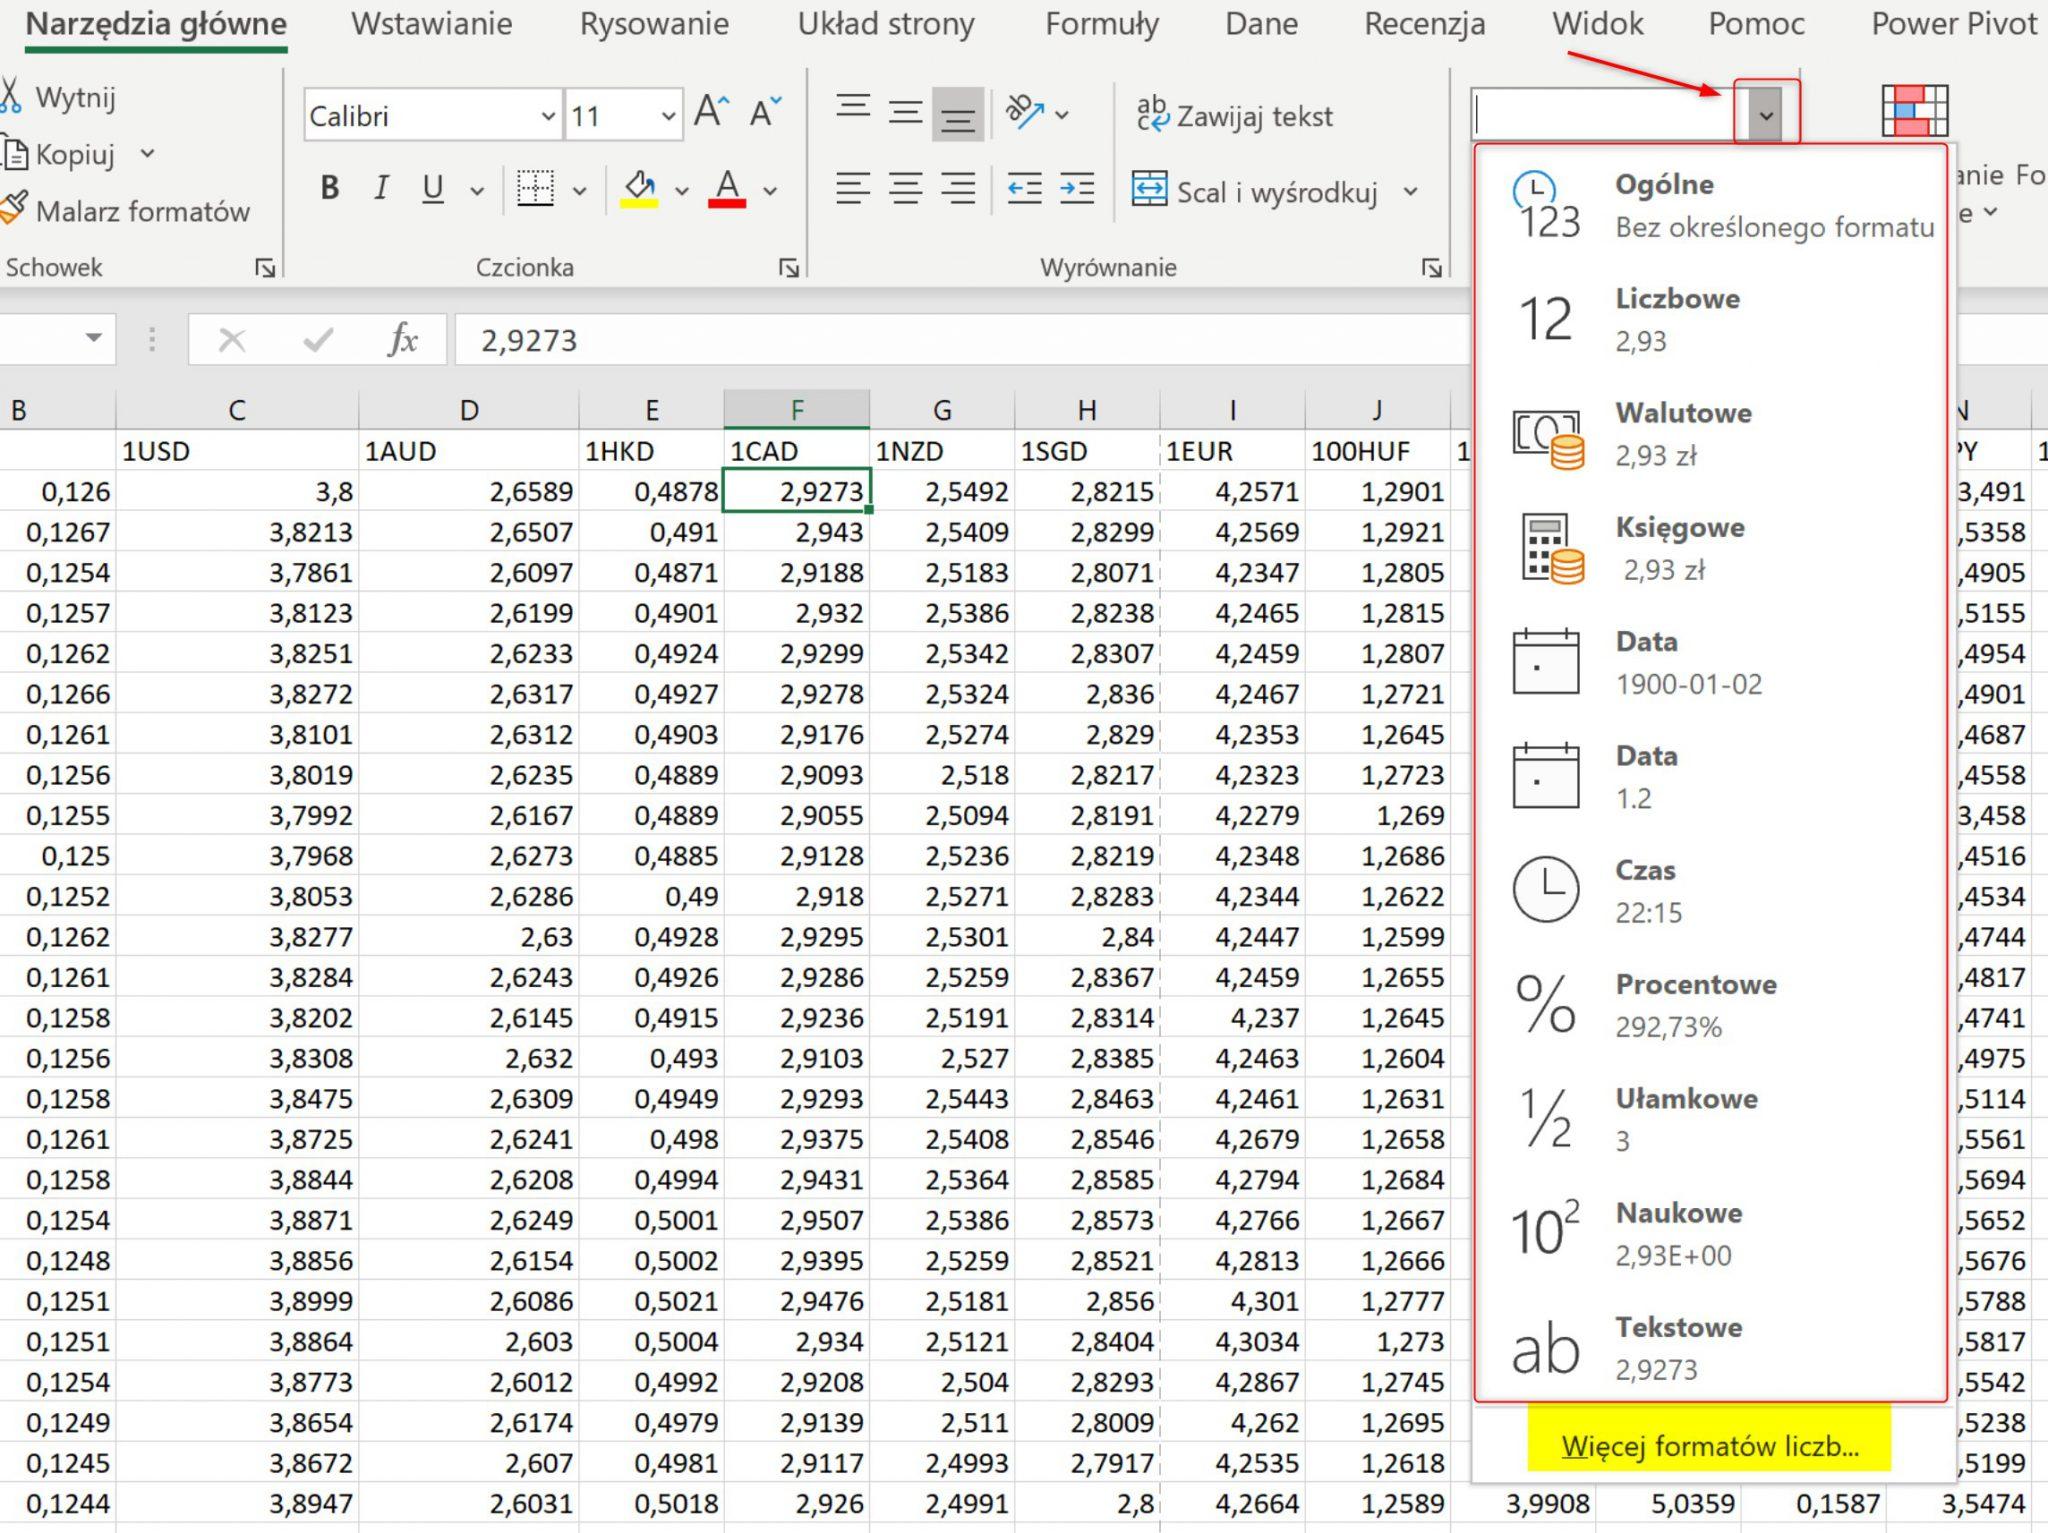 Formaty danych w Excelu